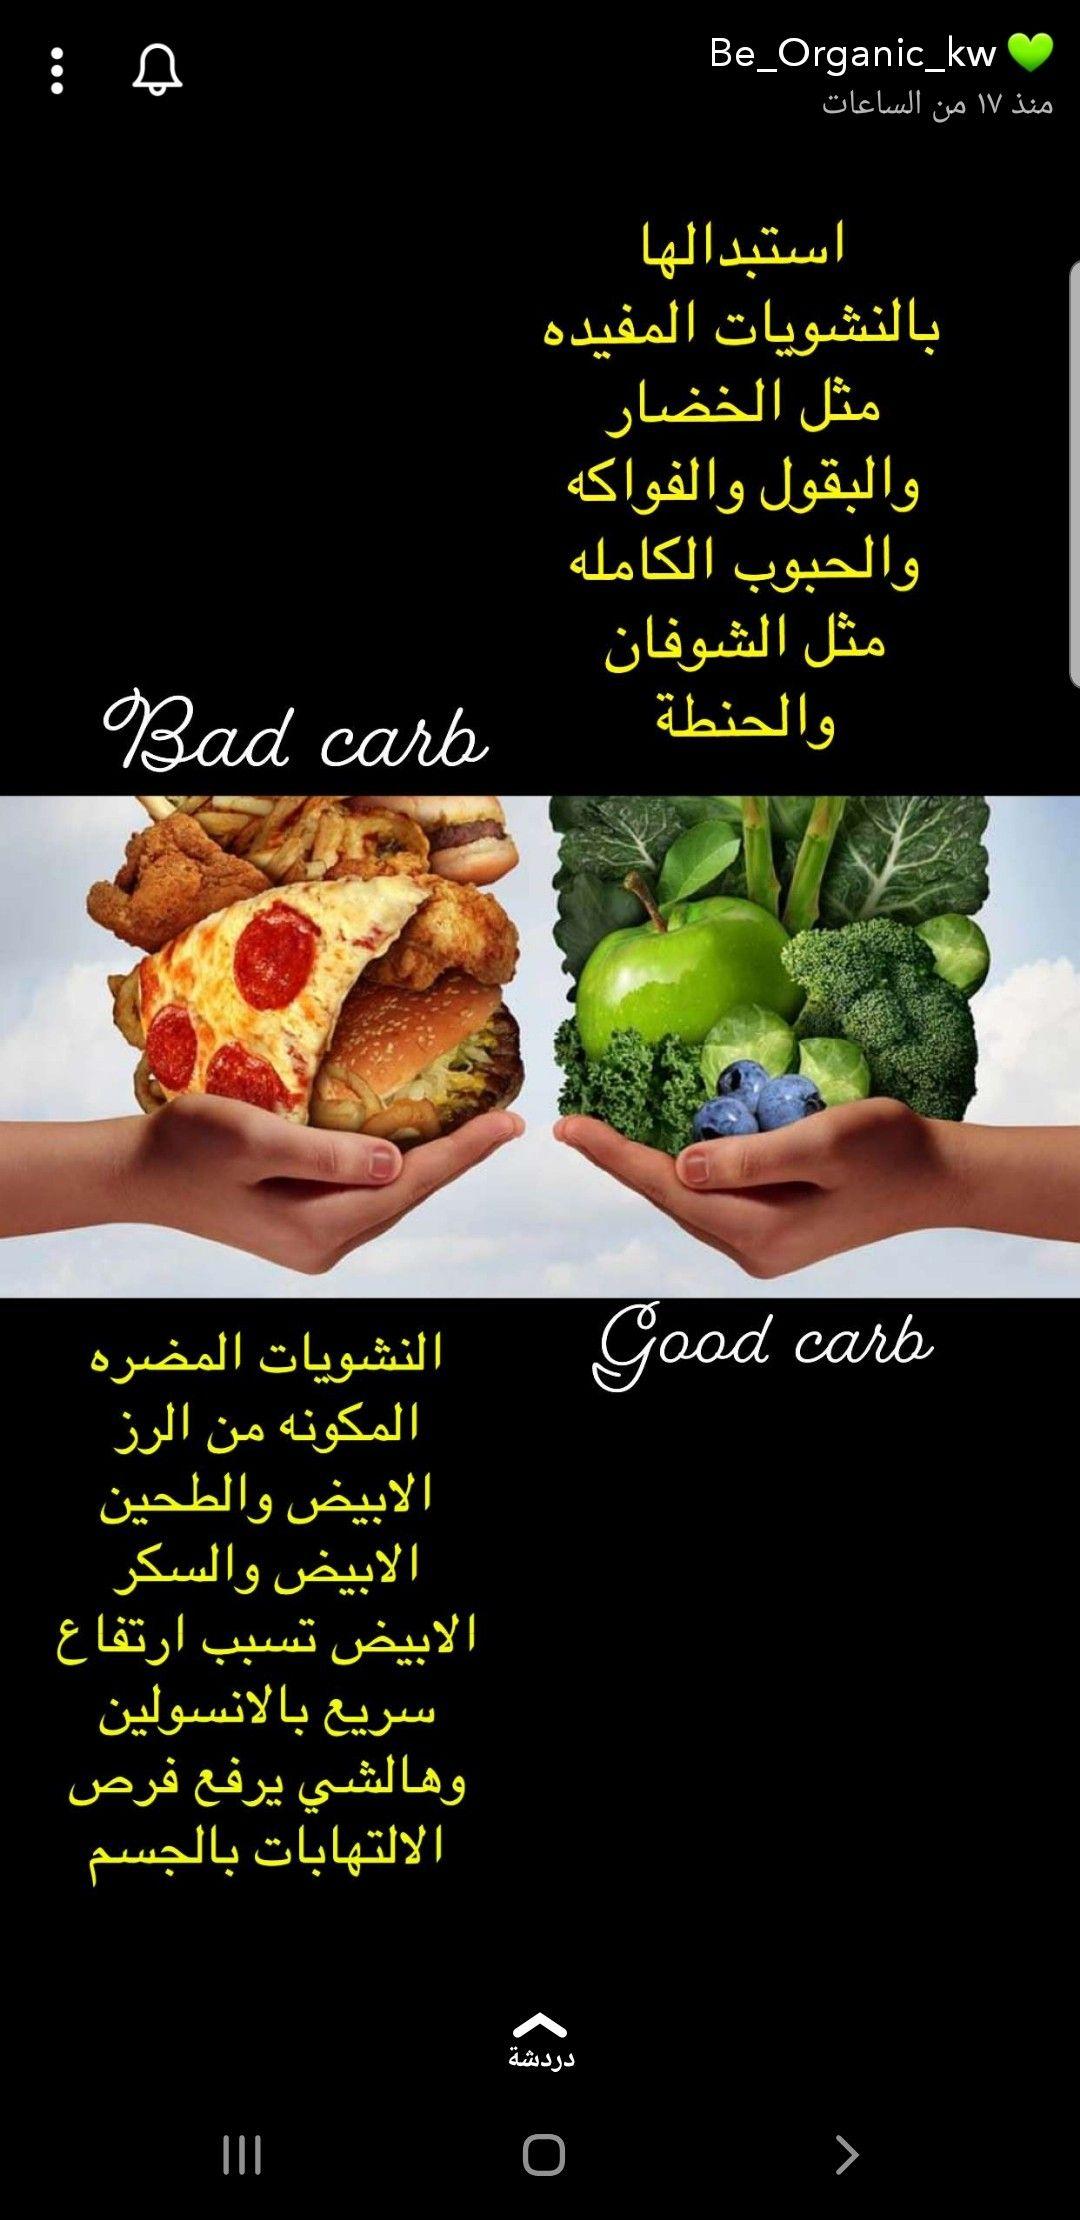 Pin By Aman On تغذية علاجية المعدة بيت الداء و الدواء توعية Carbs Organic